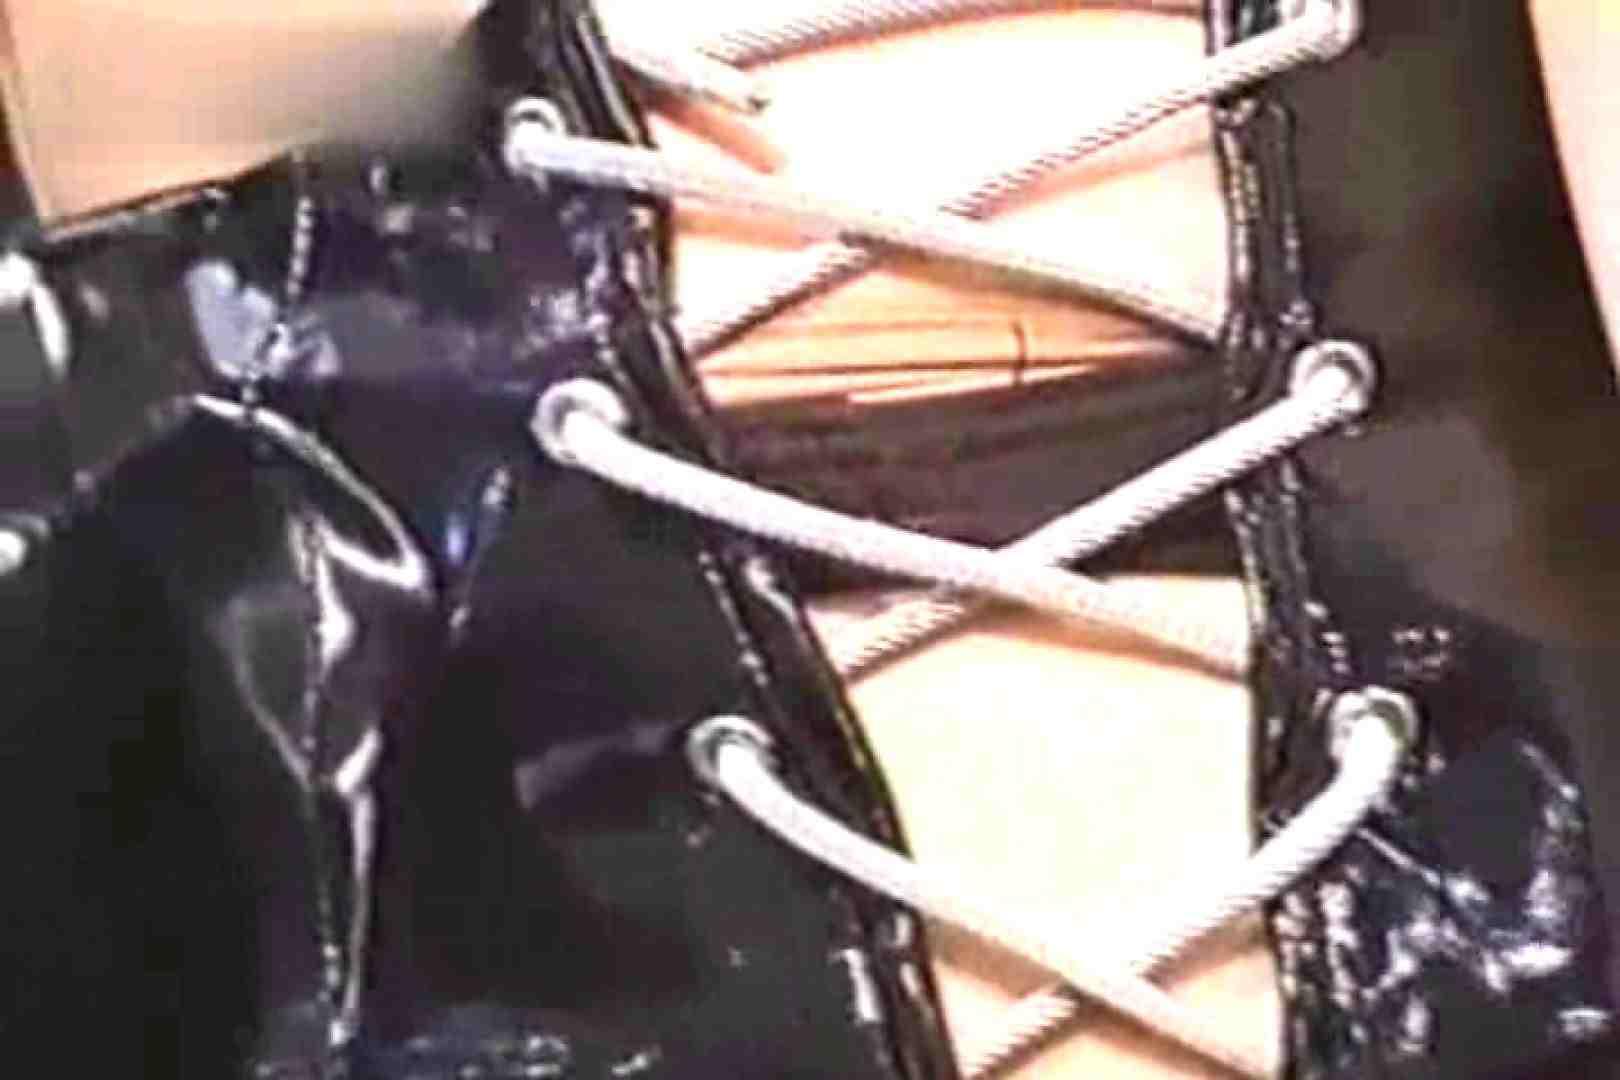 RQカメラ地獄Vol.23 パンティ SEX無修正画像 106pic 52